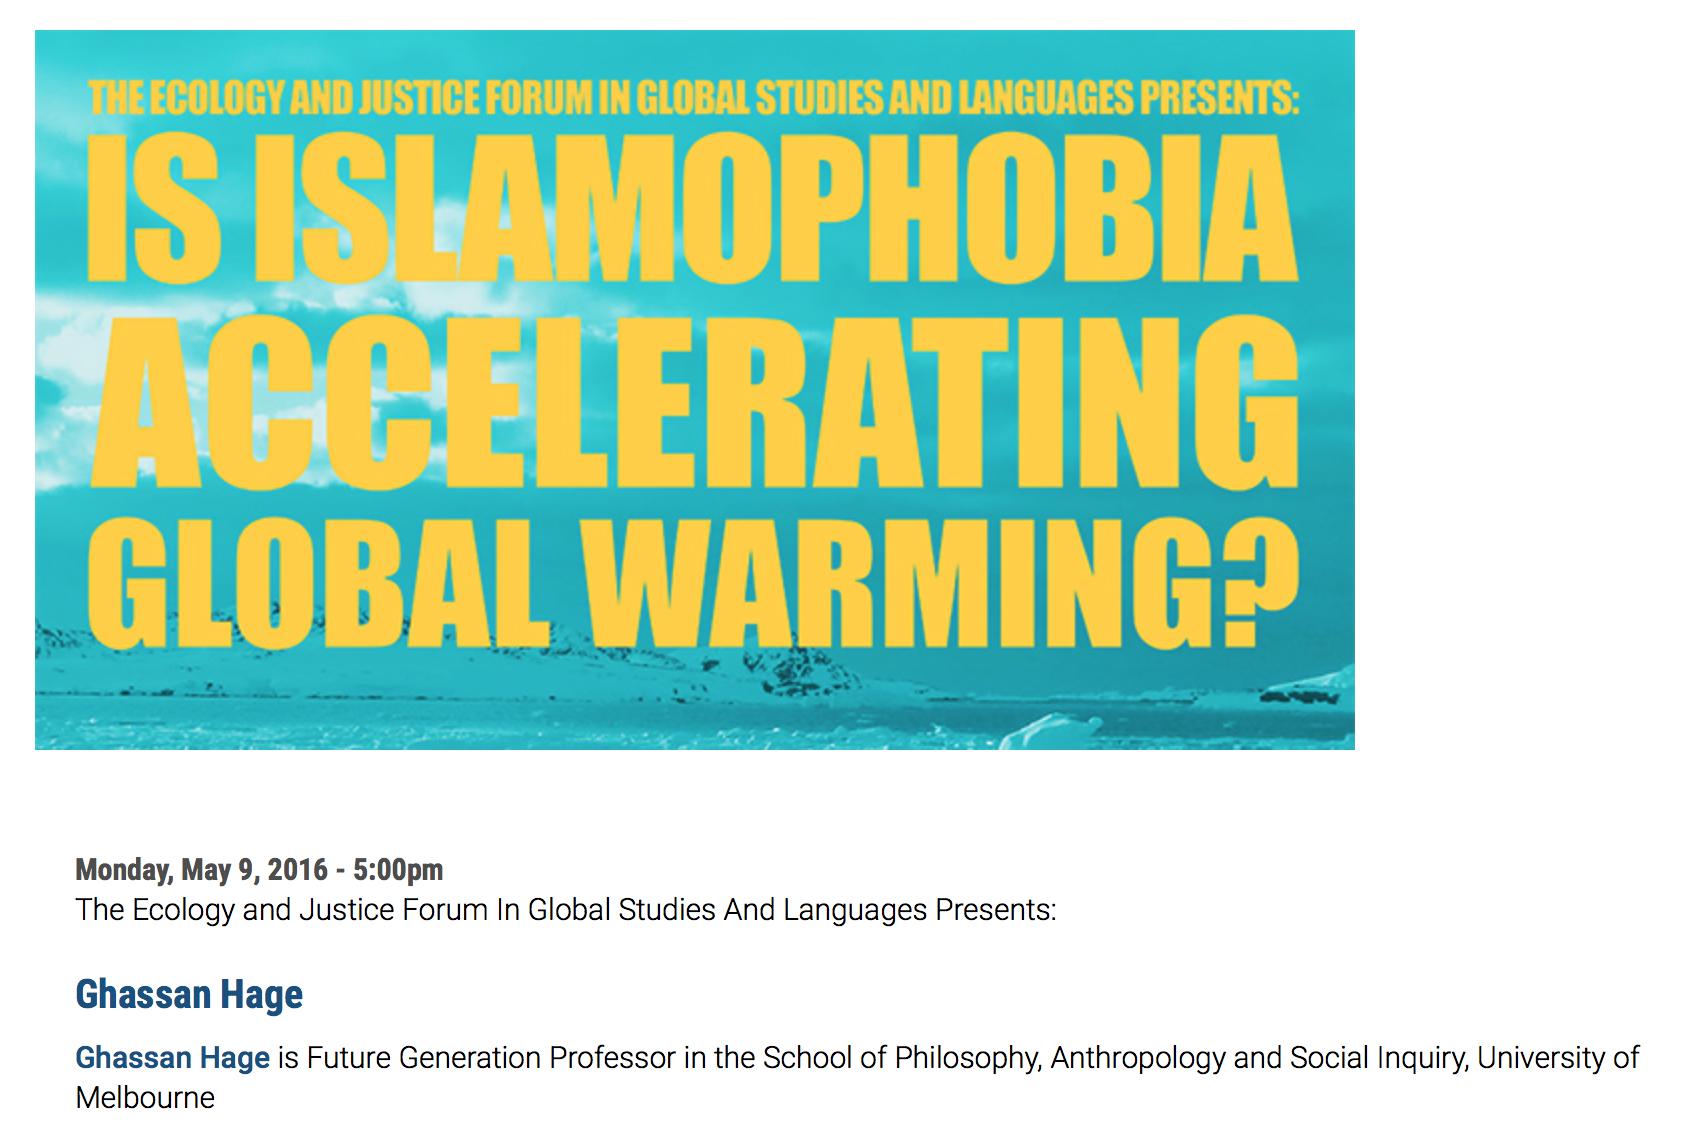 L'islamophobie accélère-t-elle le réchauffement climatique ?